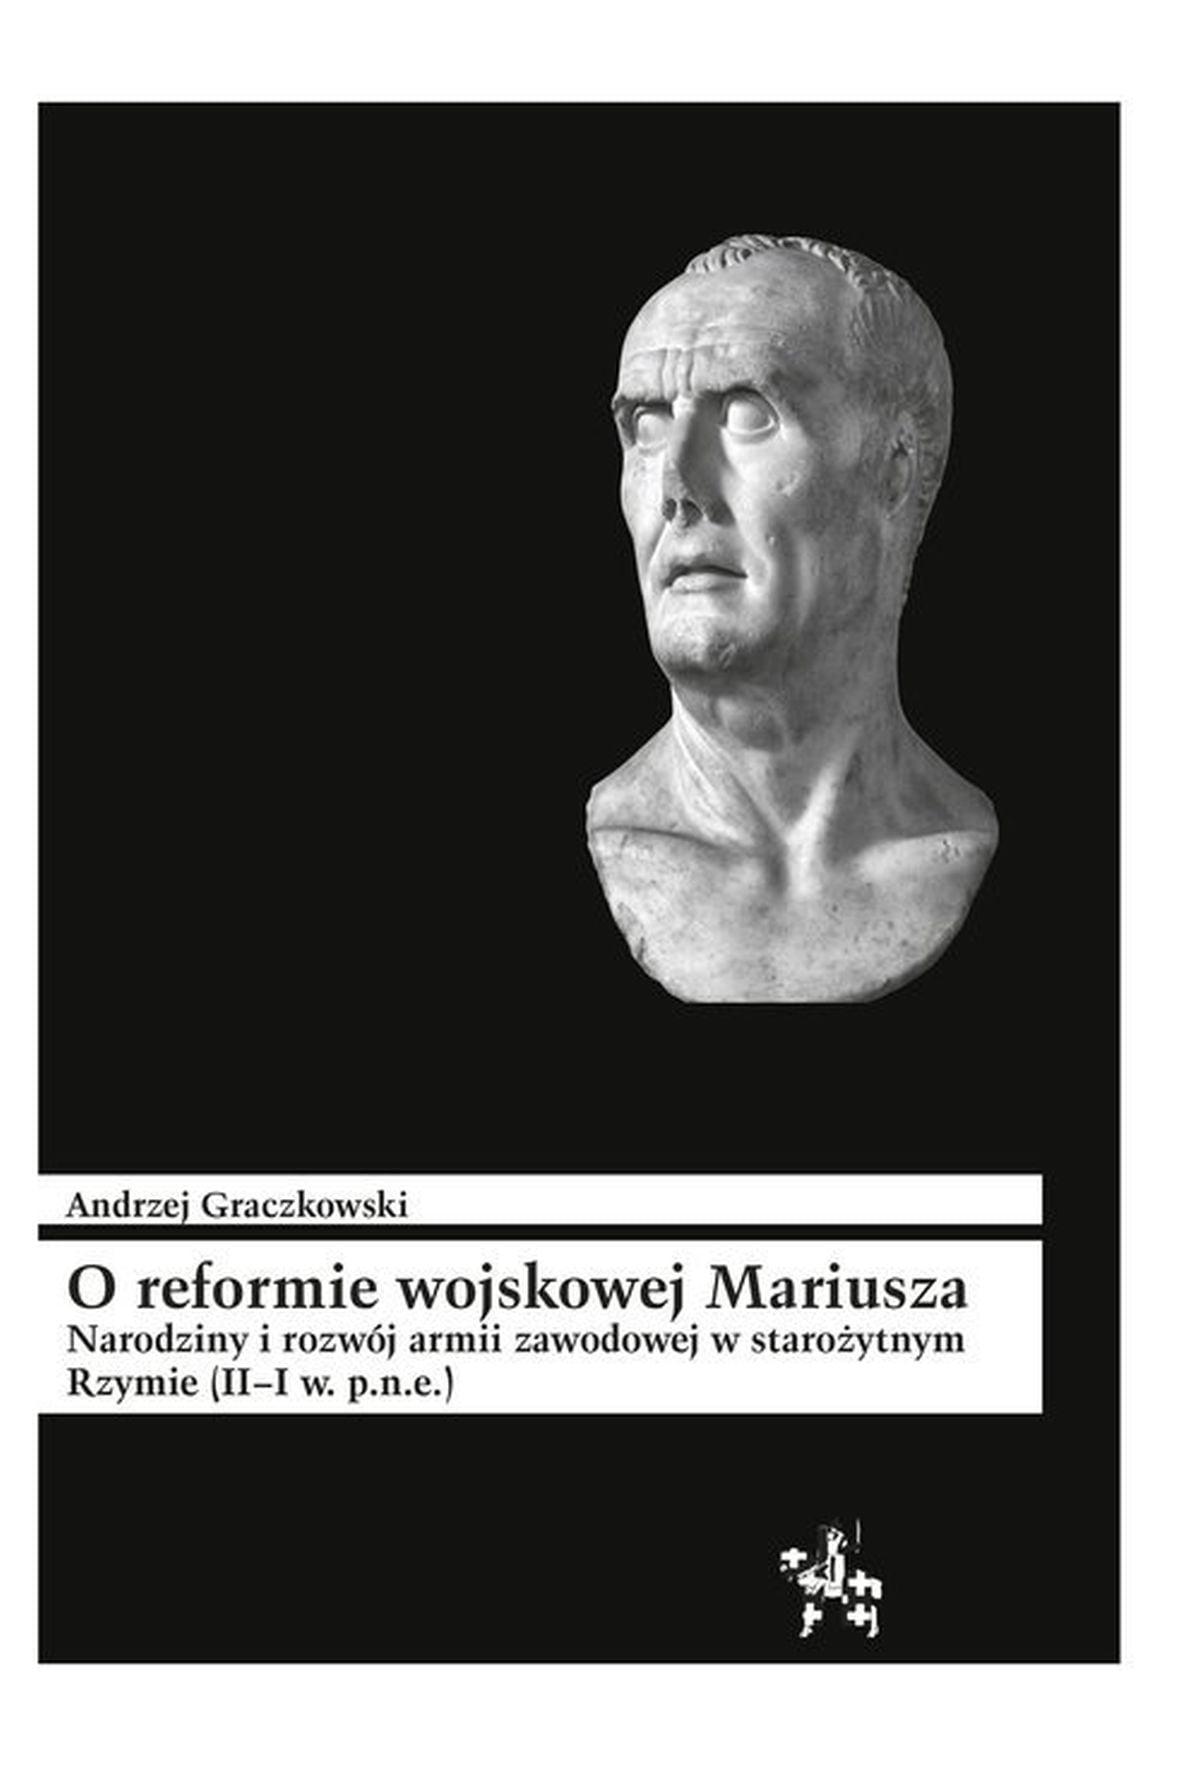 O reformie wojskowej Mariusza. Narodziny i rozwój armii zawodowej w starożytnym Rzymie (II-I w. p.n.e)